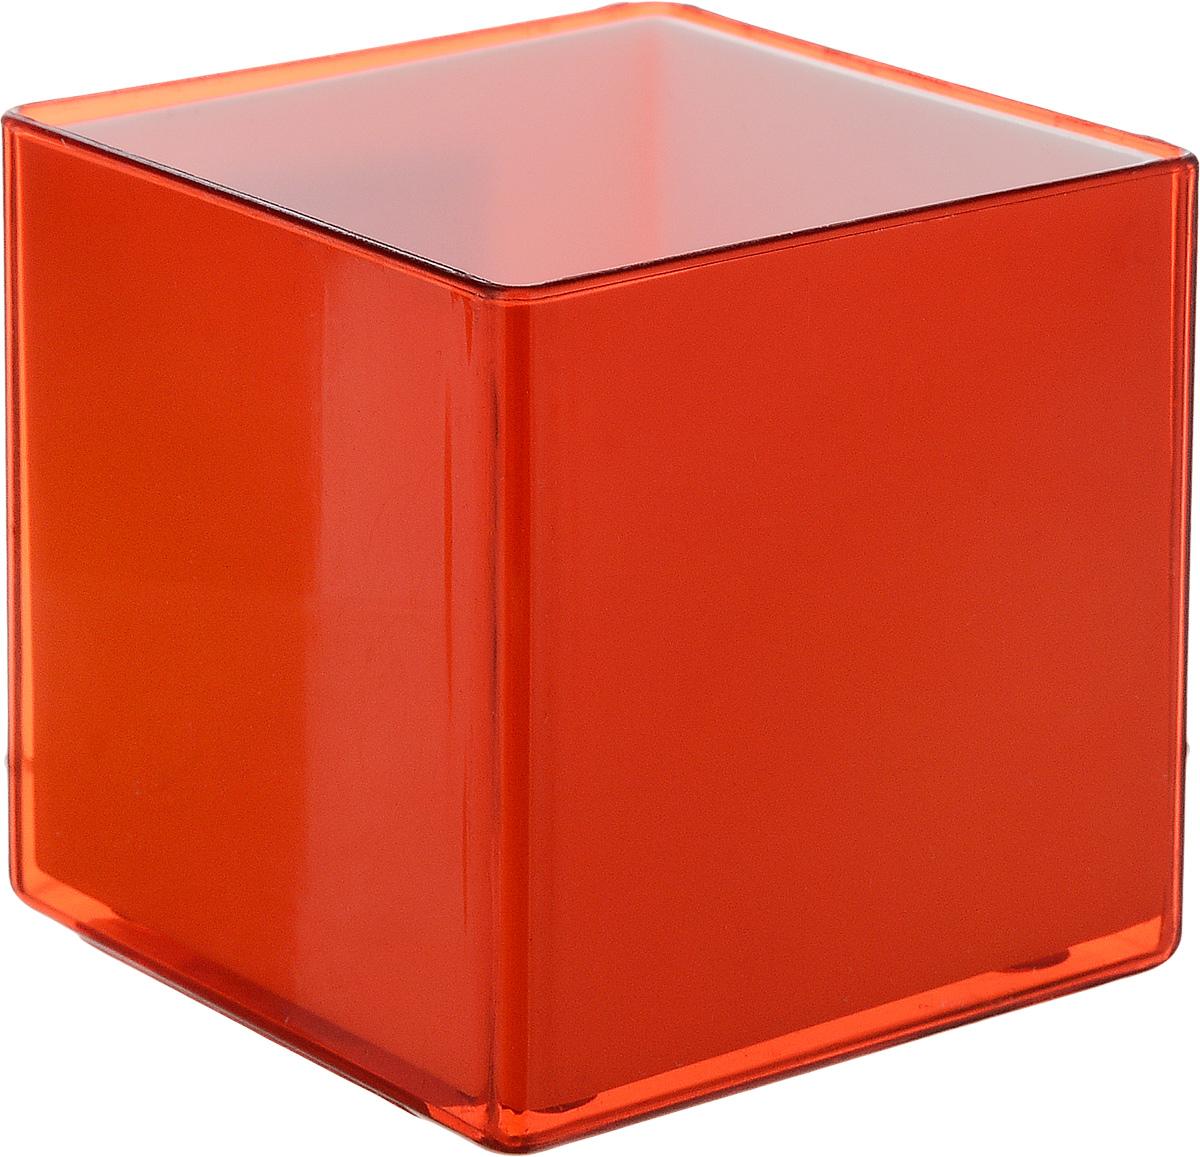 Кашпо JetPlast Мини куб, на магните, цвет: красный, 6 x 6 x 6 смZ-0307Кашпо JetPlast Мини куб предназначено для украшения любого интерьера. Благодаря магнитной ленте, входящей в комплект, вы можете разместить его не только на подоконнике, столе или иной поверхности, а также на холодильнике и любой другой металлической поверхности, дополняя привычные вещи новыми дизайнерскими решениями. Кашпо можно использовать не только под цветы, но и как подставку для ручек, карандашей и прочих канцелярских мелочей.Размеры кашпо: 6 х 6 х 6 см.